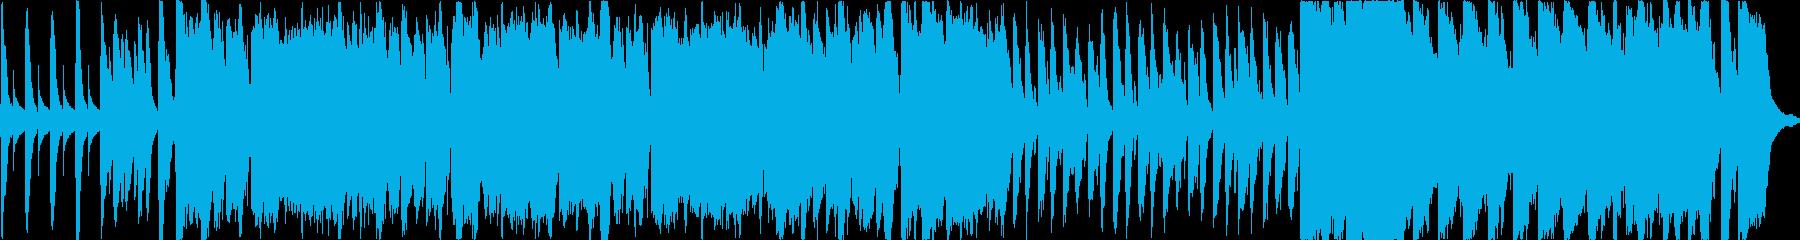 番組OPなどに のほほんとした雰囲気の曲の再生済みの波形